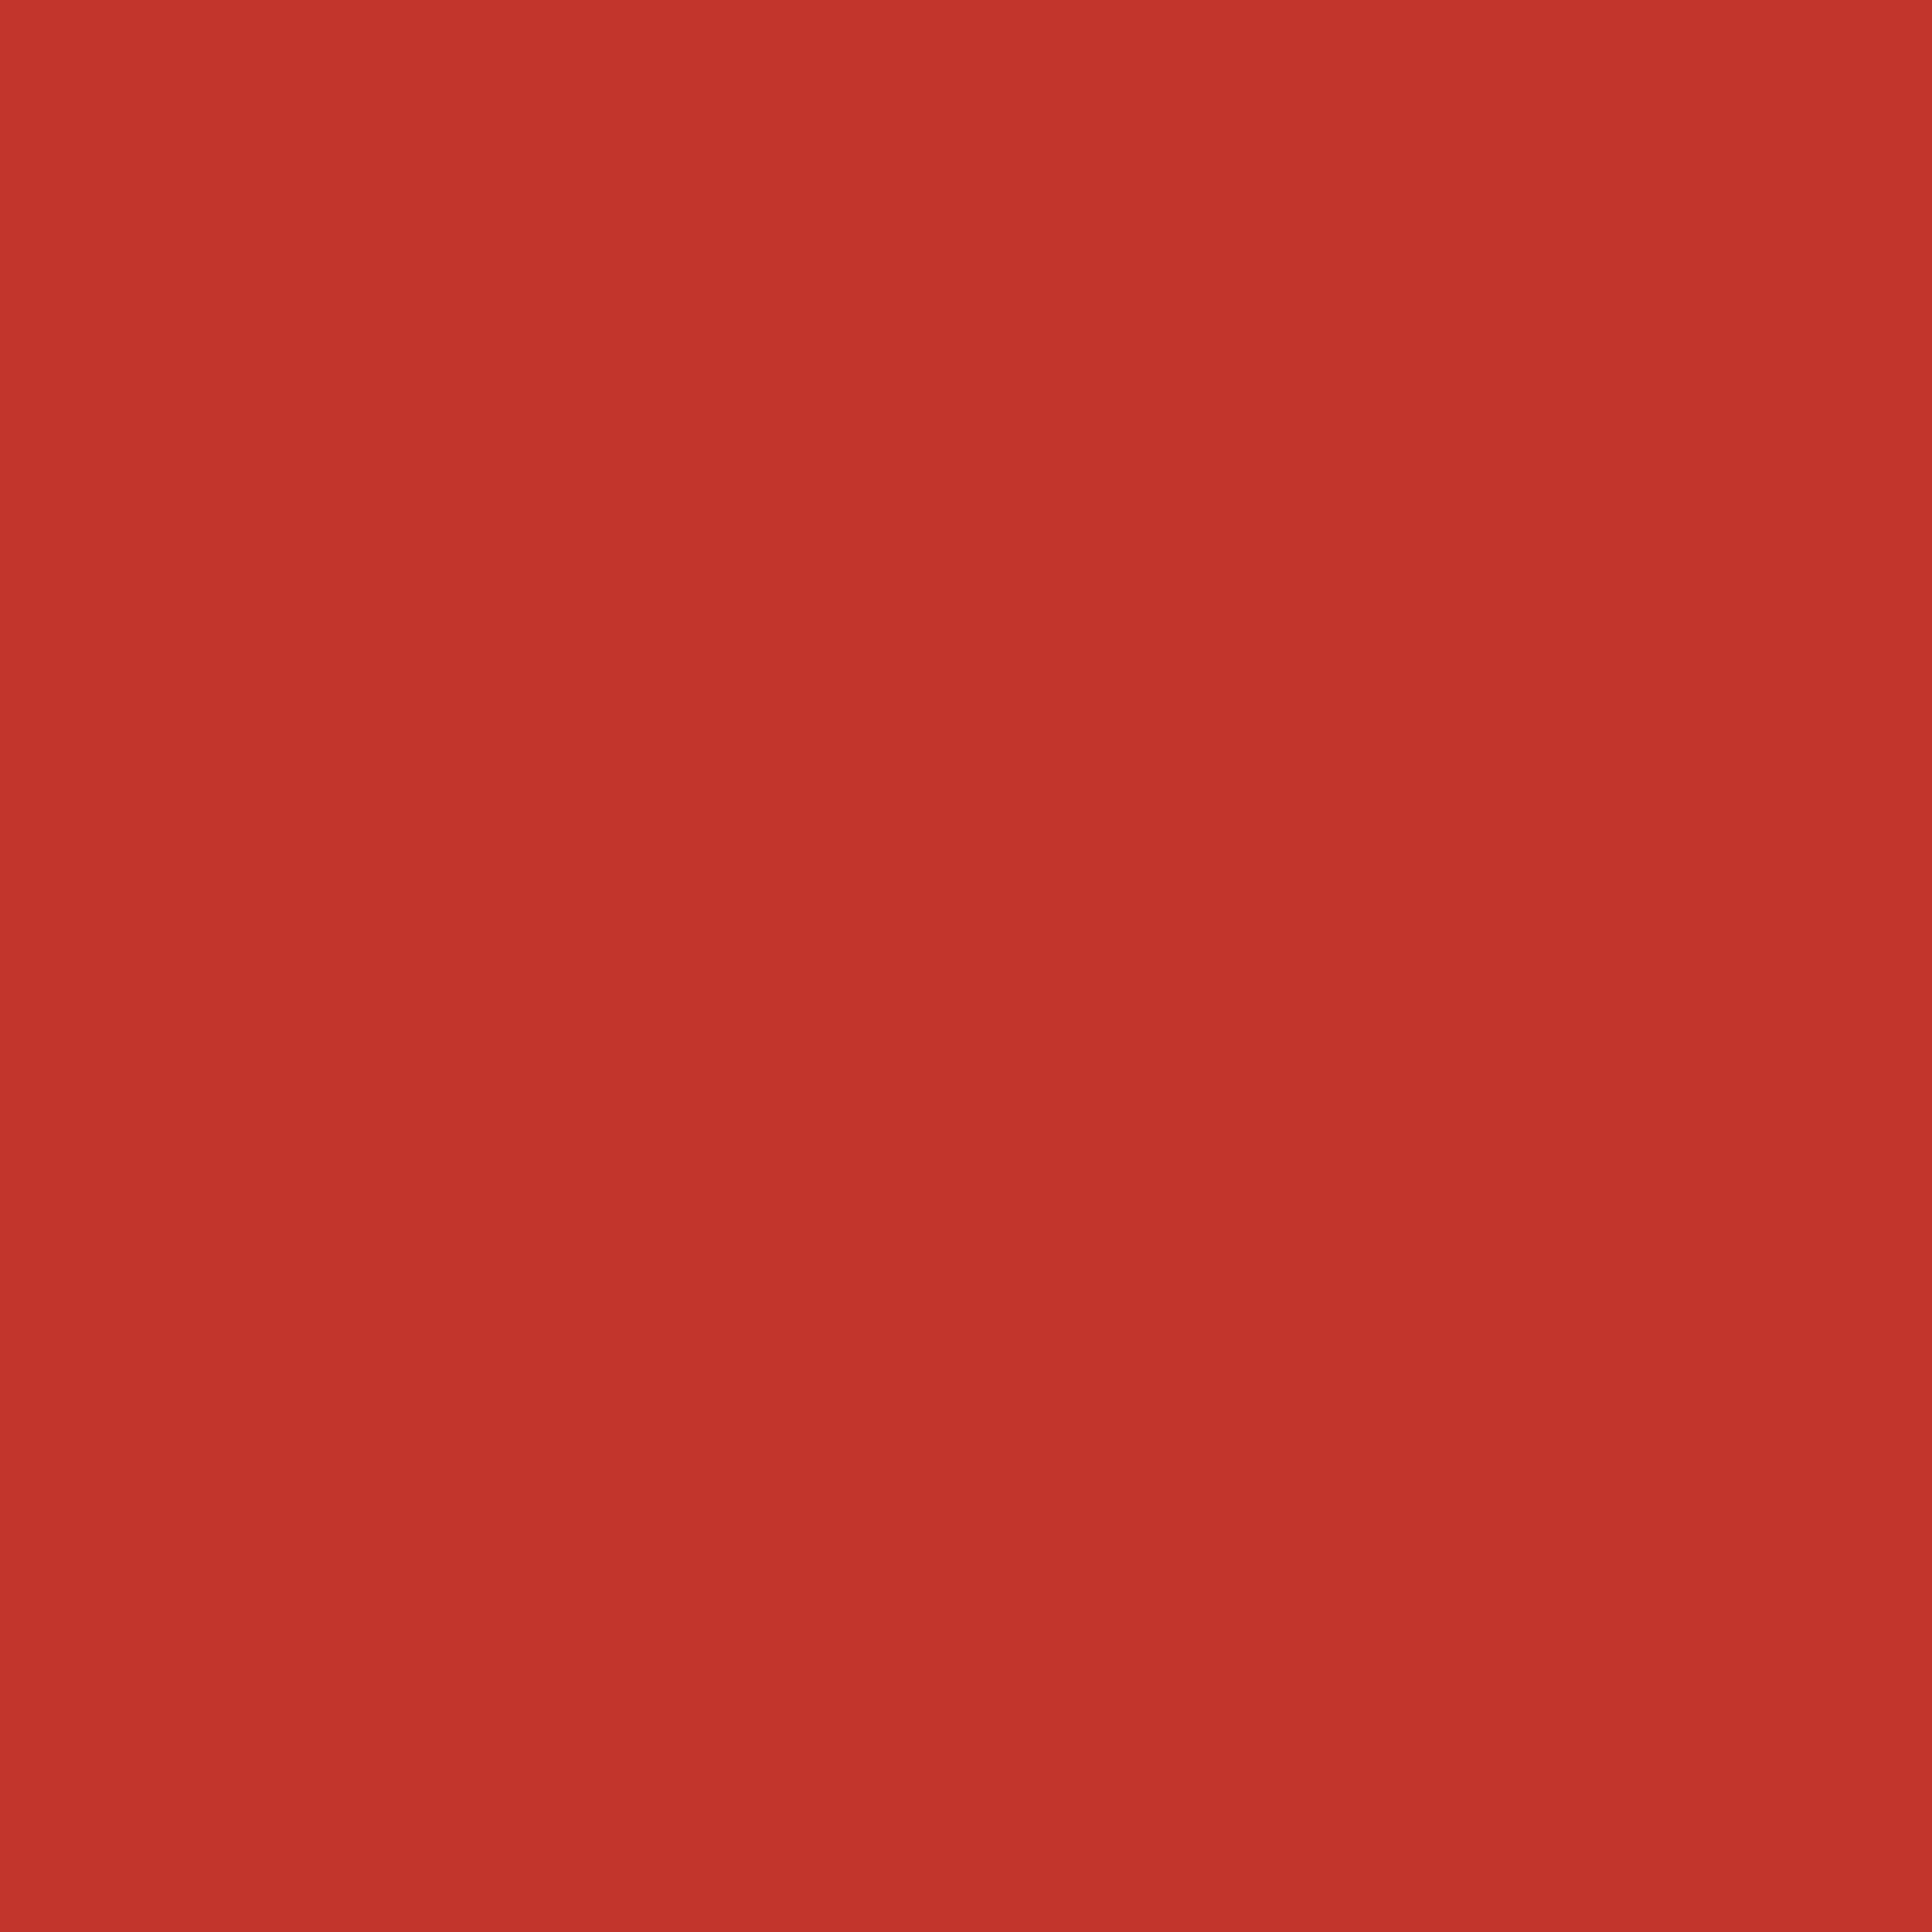 3600x3600 International Orange Golden Gate Bridge Solid Color Background